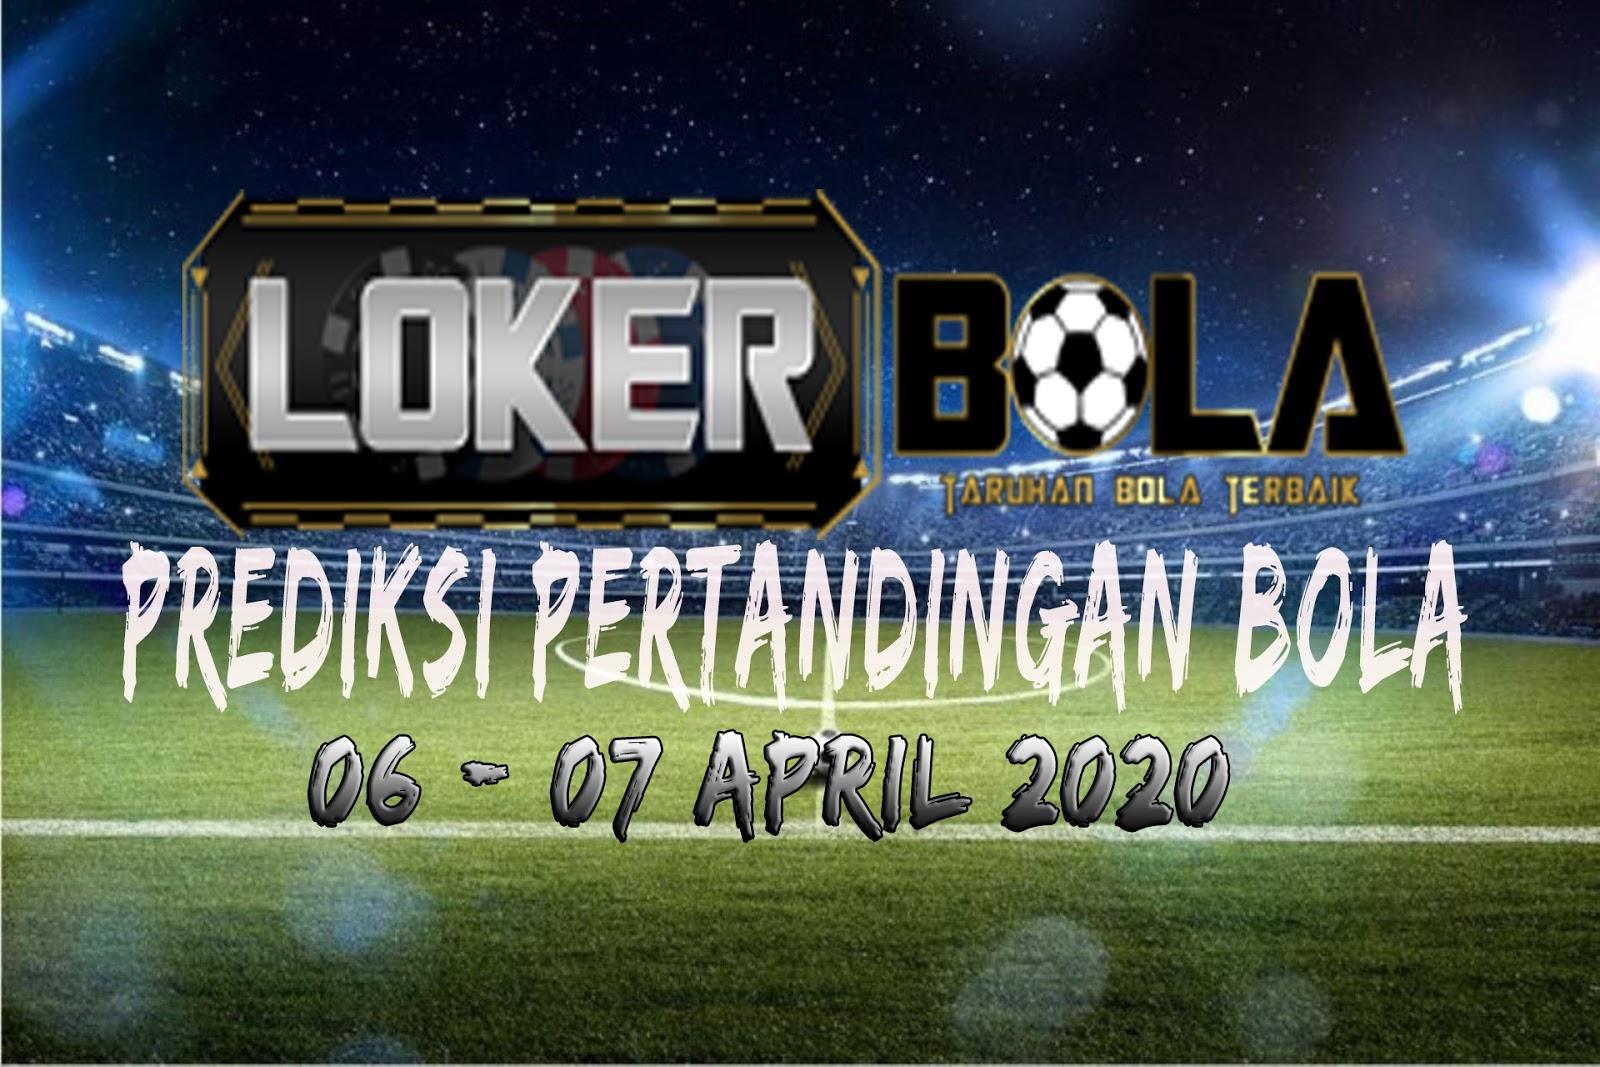 PREDIKSI PERTANDINGAN BOLA 06 – 07 APRIL 2020